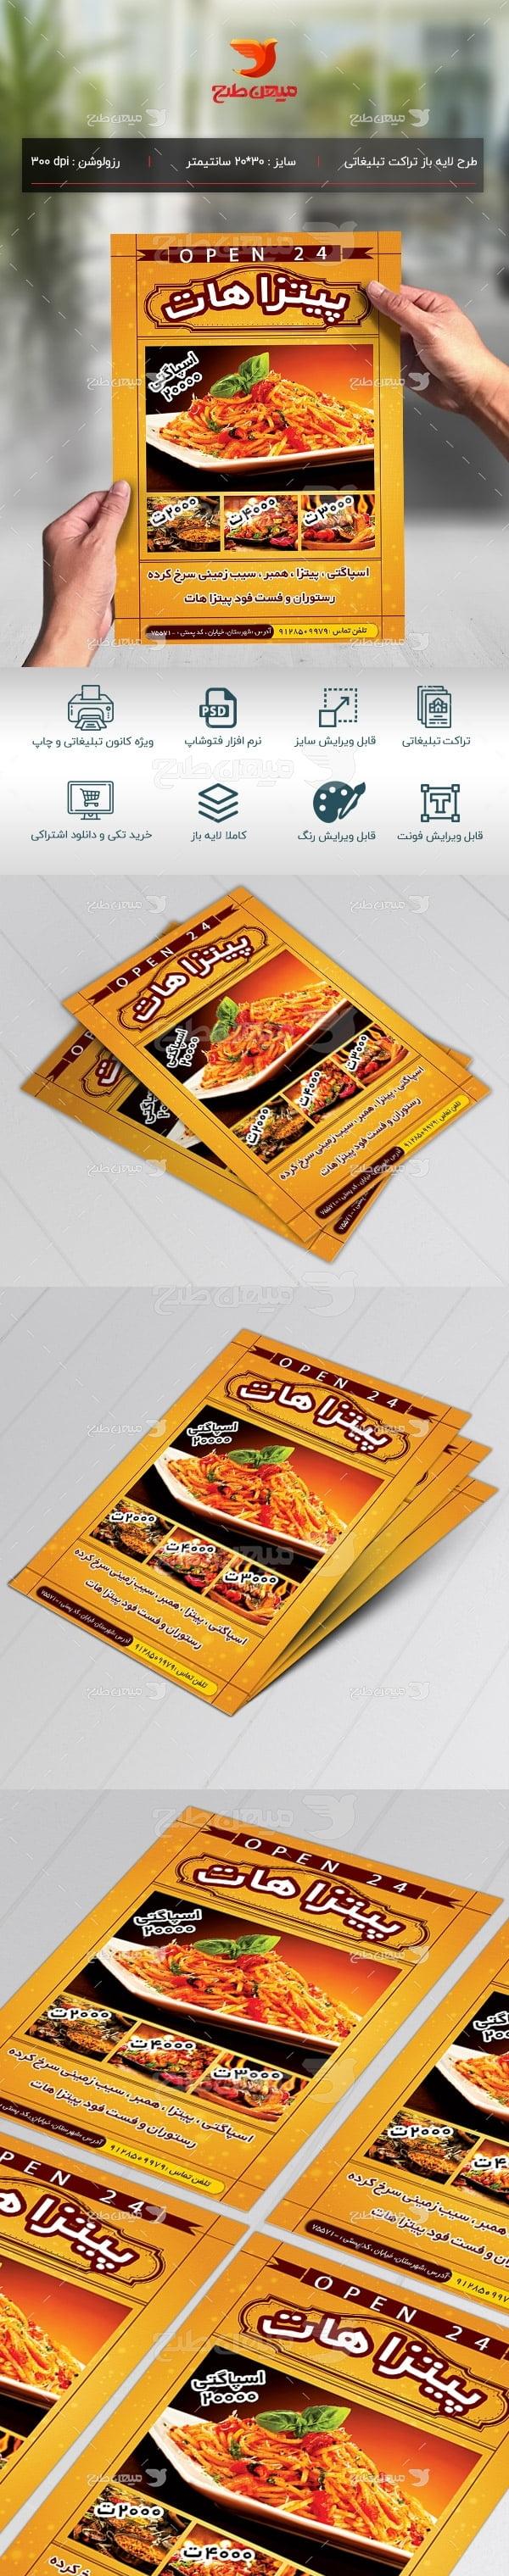 طرح لایه باز تراکت تبلیغاتی پیتزا هات